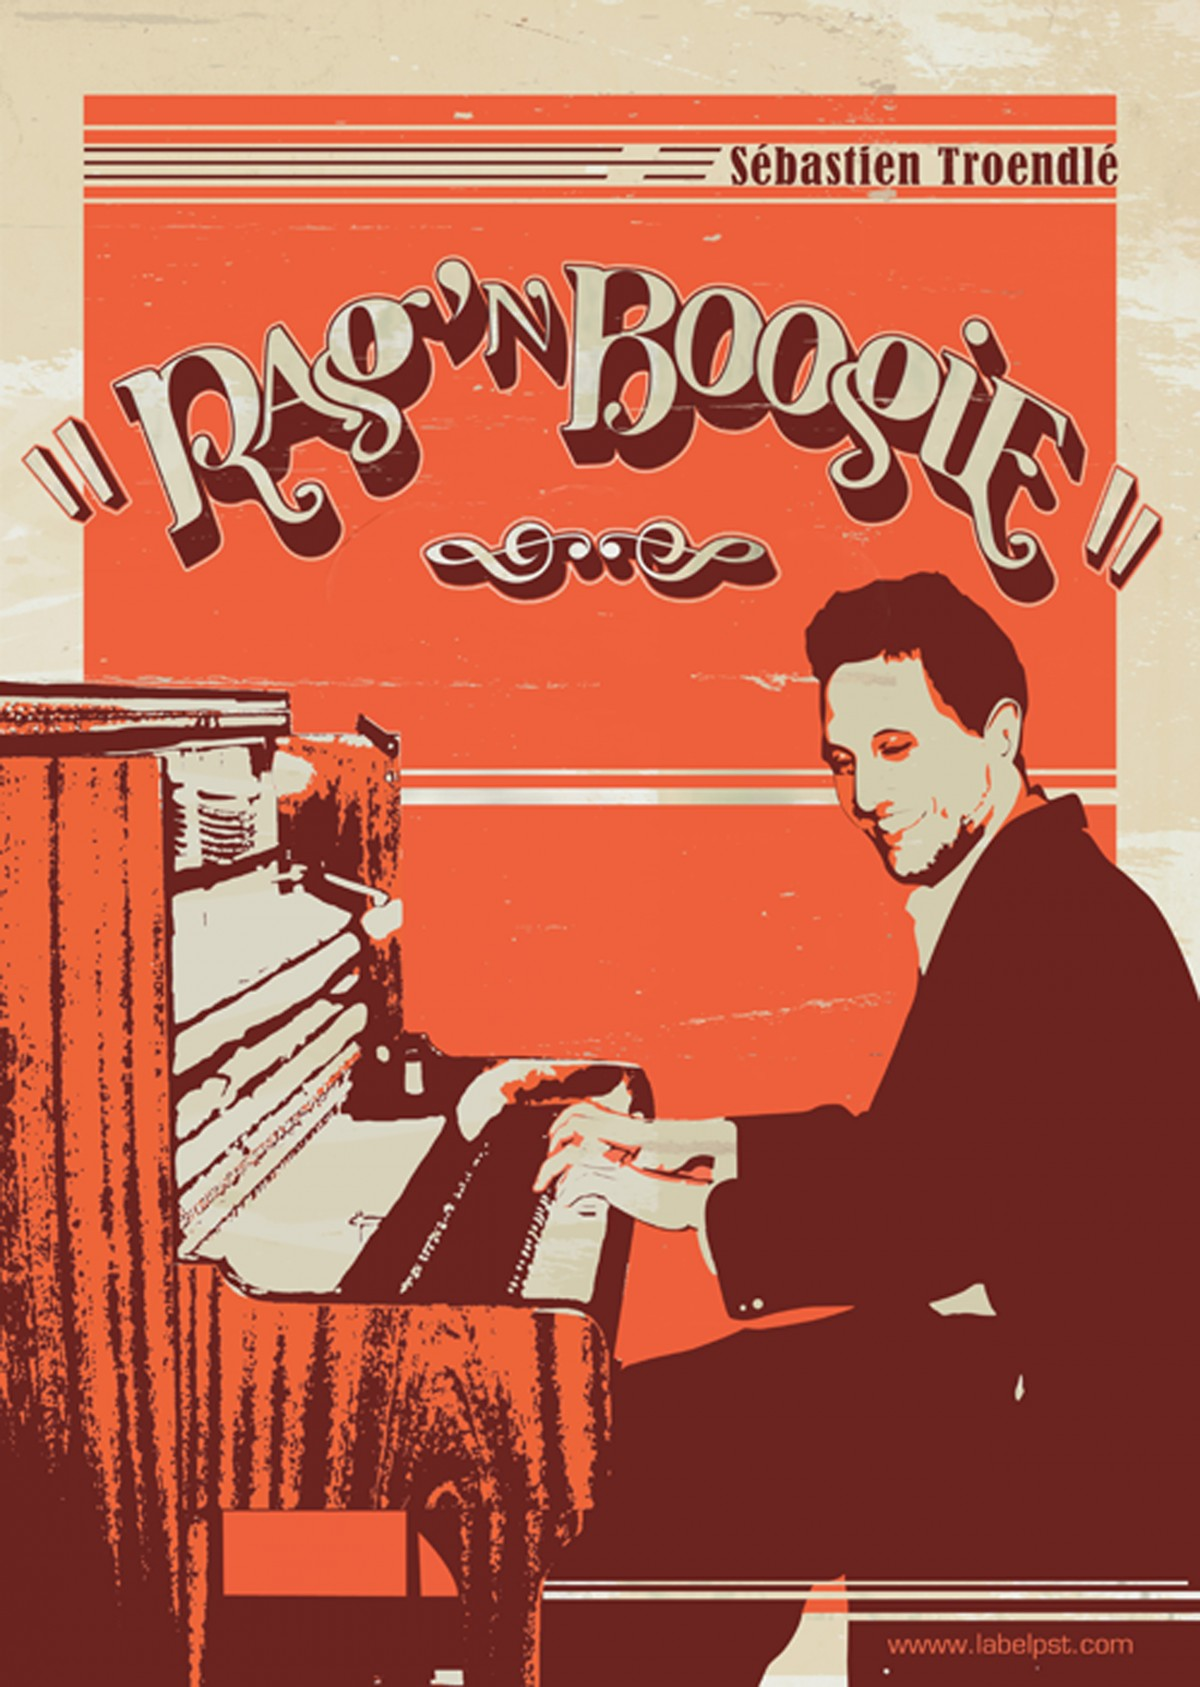 Affiche du spectacle Rag'n Boogie de Sébastien Troendlé